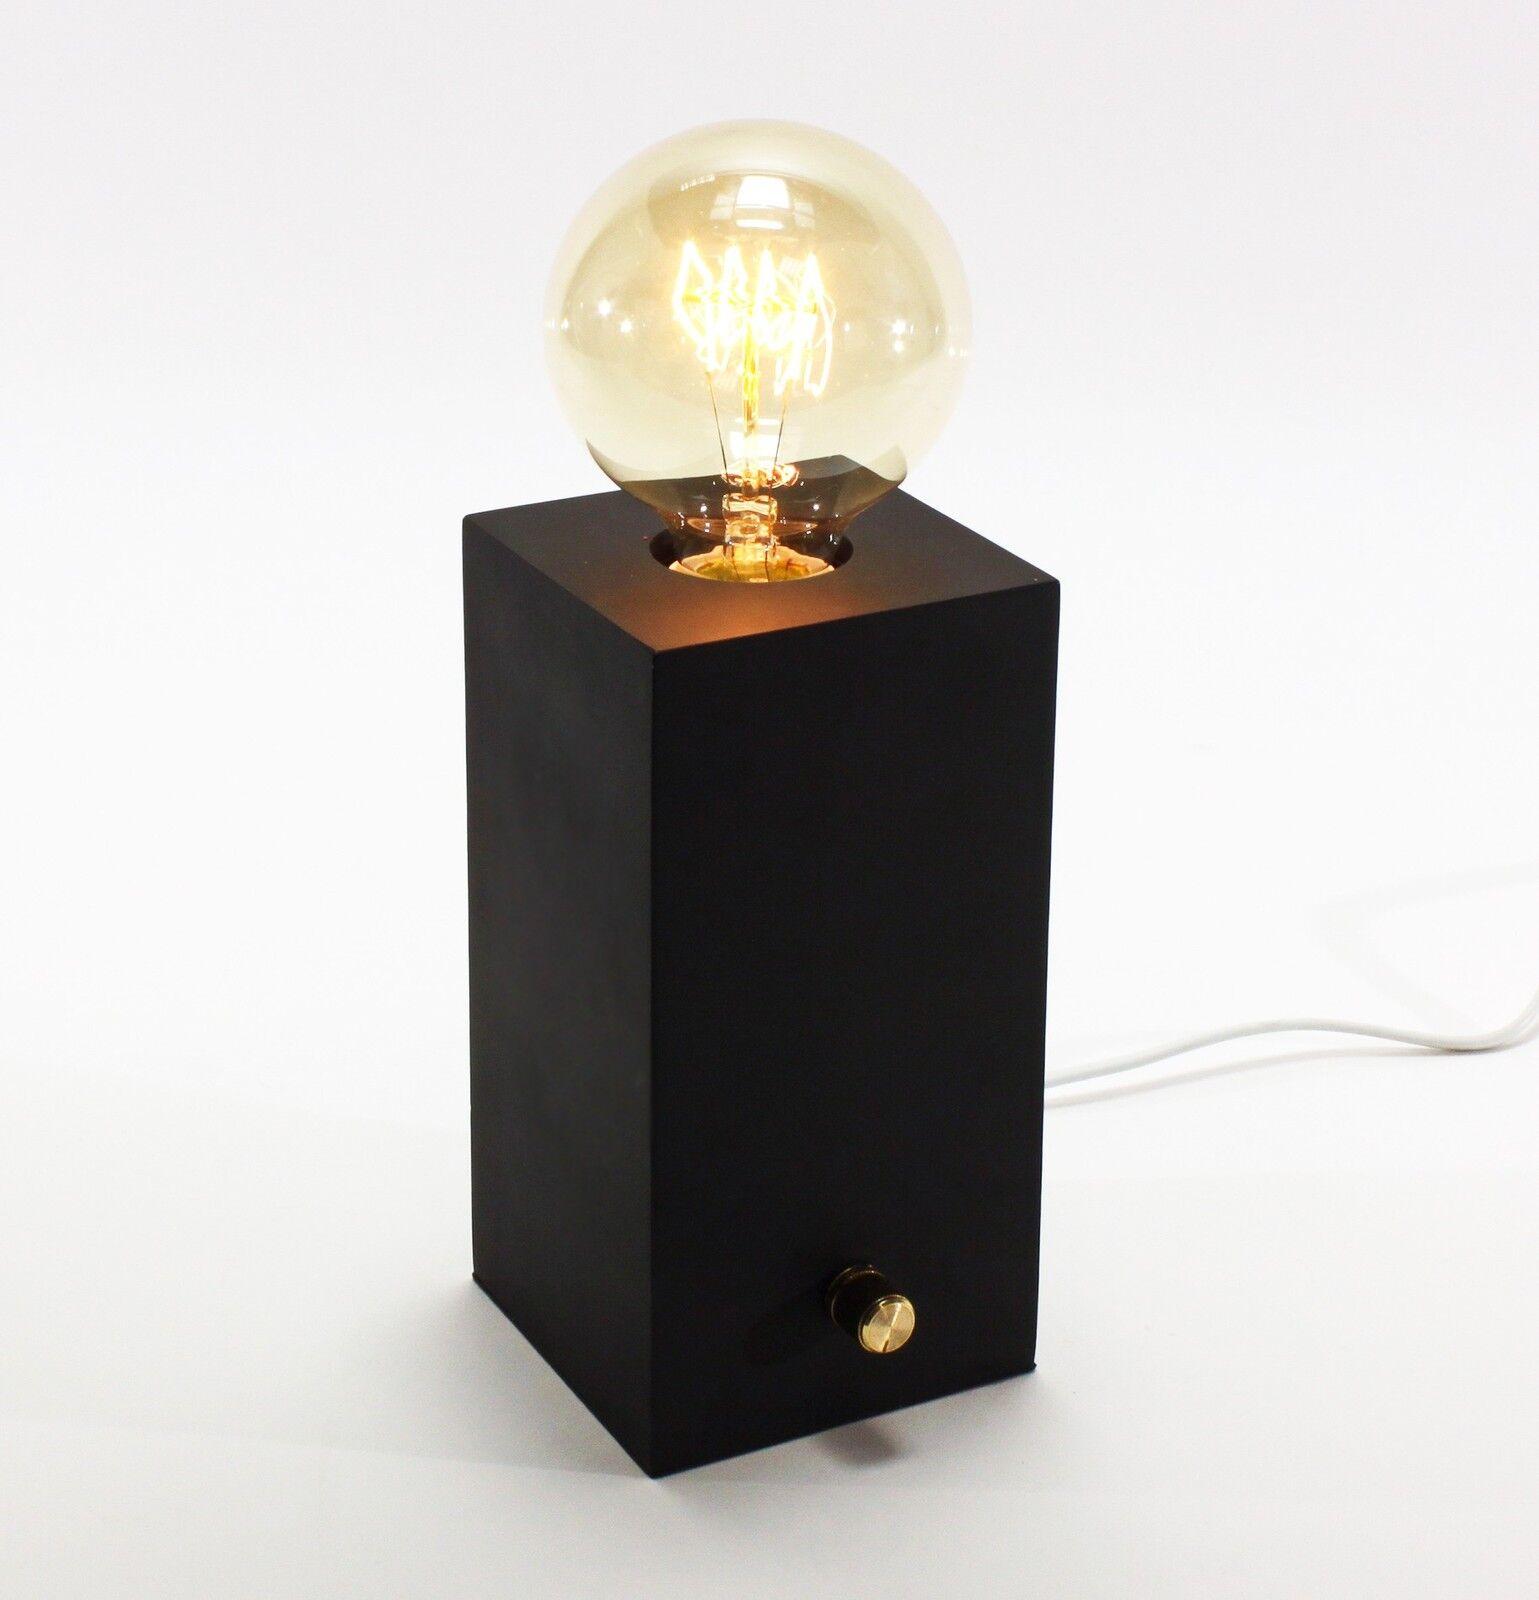 Geniale Tischleuchte Edison mit Dimmer Schwarz inkl Birne Tischlampe Lampe Neu